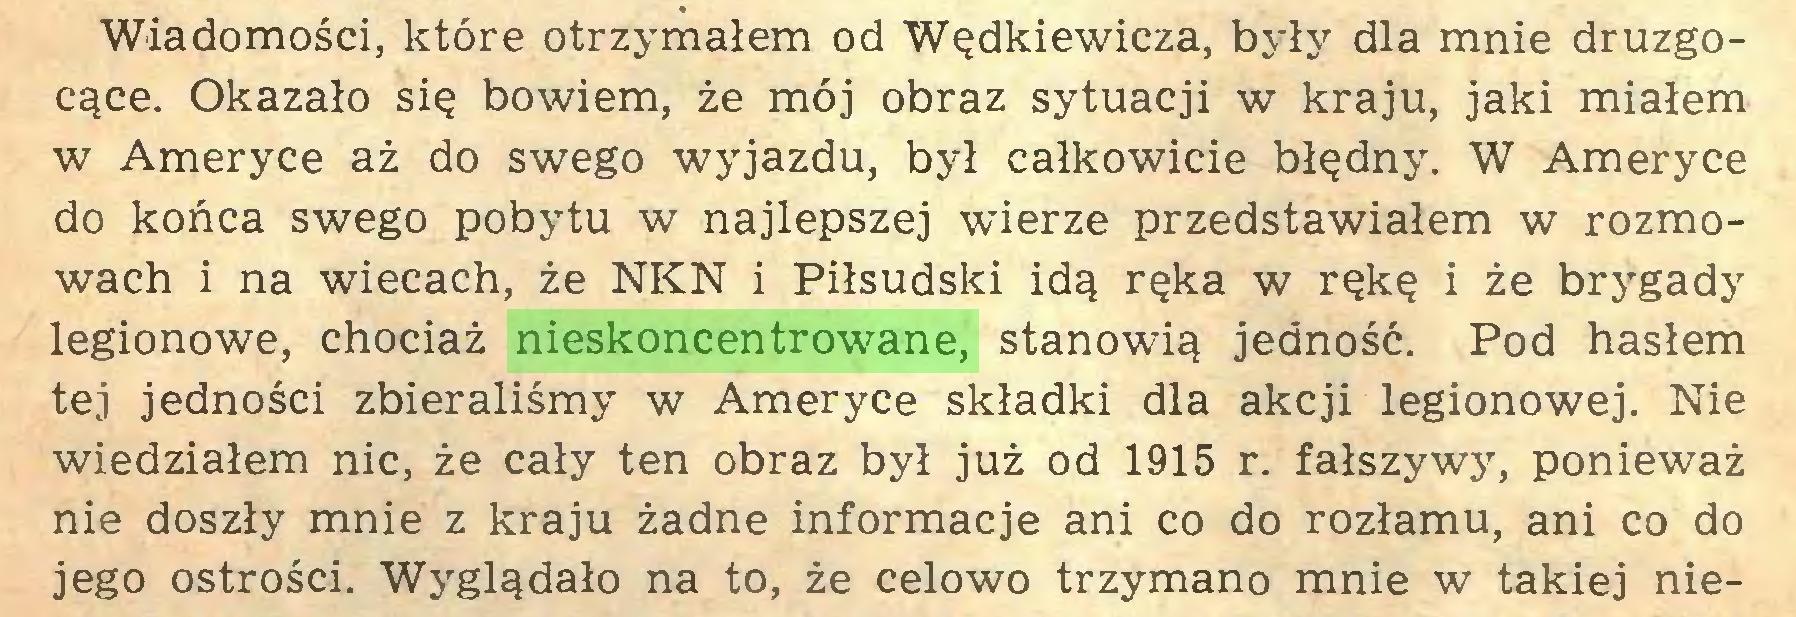 (...) Wiadomości, które otrzymałem od Wędkiewicza, były dla mnie druzgocące. Okazało się bowiem, że mój obraz sytuacji w kraju, jaki miałem w Ameryce aż do swego wyjazdu, był całkowicie błędny. W Ameryce do końca swego pobytu w najlepszej wierze przedstawiałem w rozmowach i na wiecach, że NKN i Piłsudski idą ręka w rękę i że brygady legionowe, chociaż nieskoncentrowane, stanowią jedność. Pod hasłem tej jedności zbieraliśmy w Ameryce składki dla akcji legionowej. Nie wiedziałem nic, że cały ten obraz był już od 1915 r. fałszywy, ponieważ nie doszły mnie z kraju żadne informacje ani co do rozłamu, ani co do jego ostrości. Wyglądało na to, że celowo trzymano mnie w takiej nie...